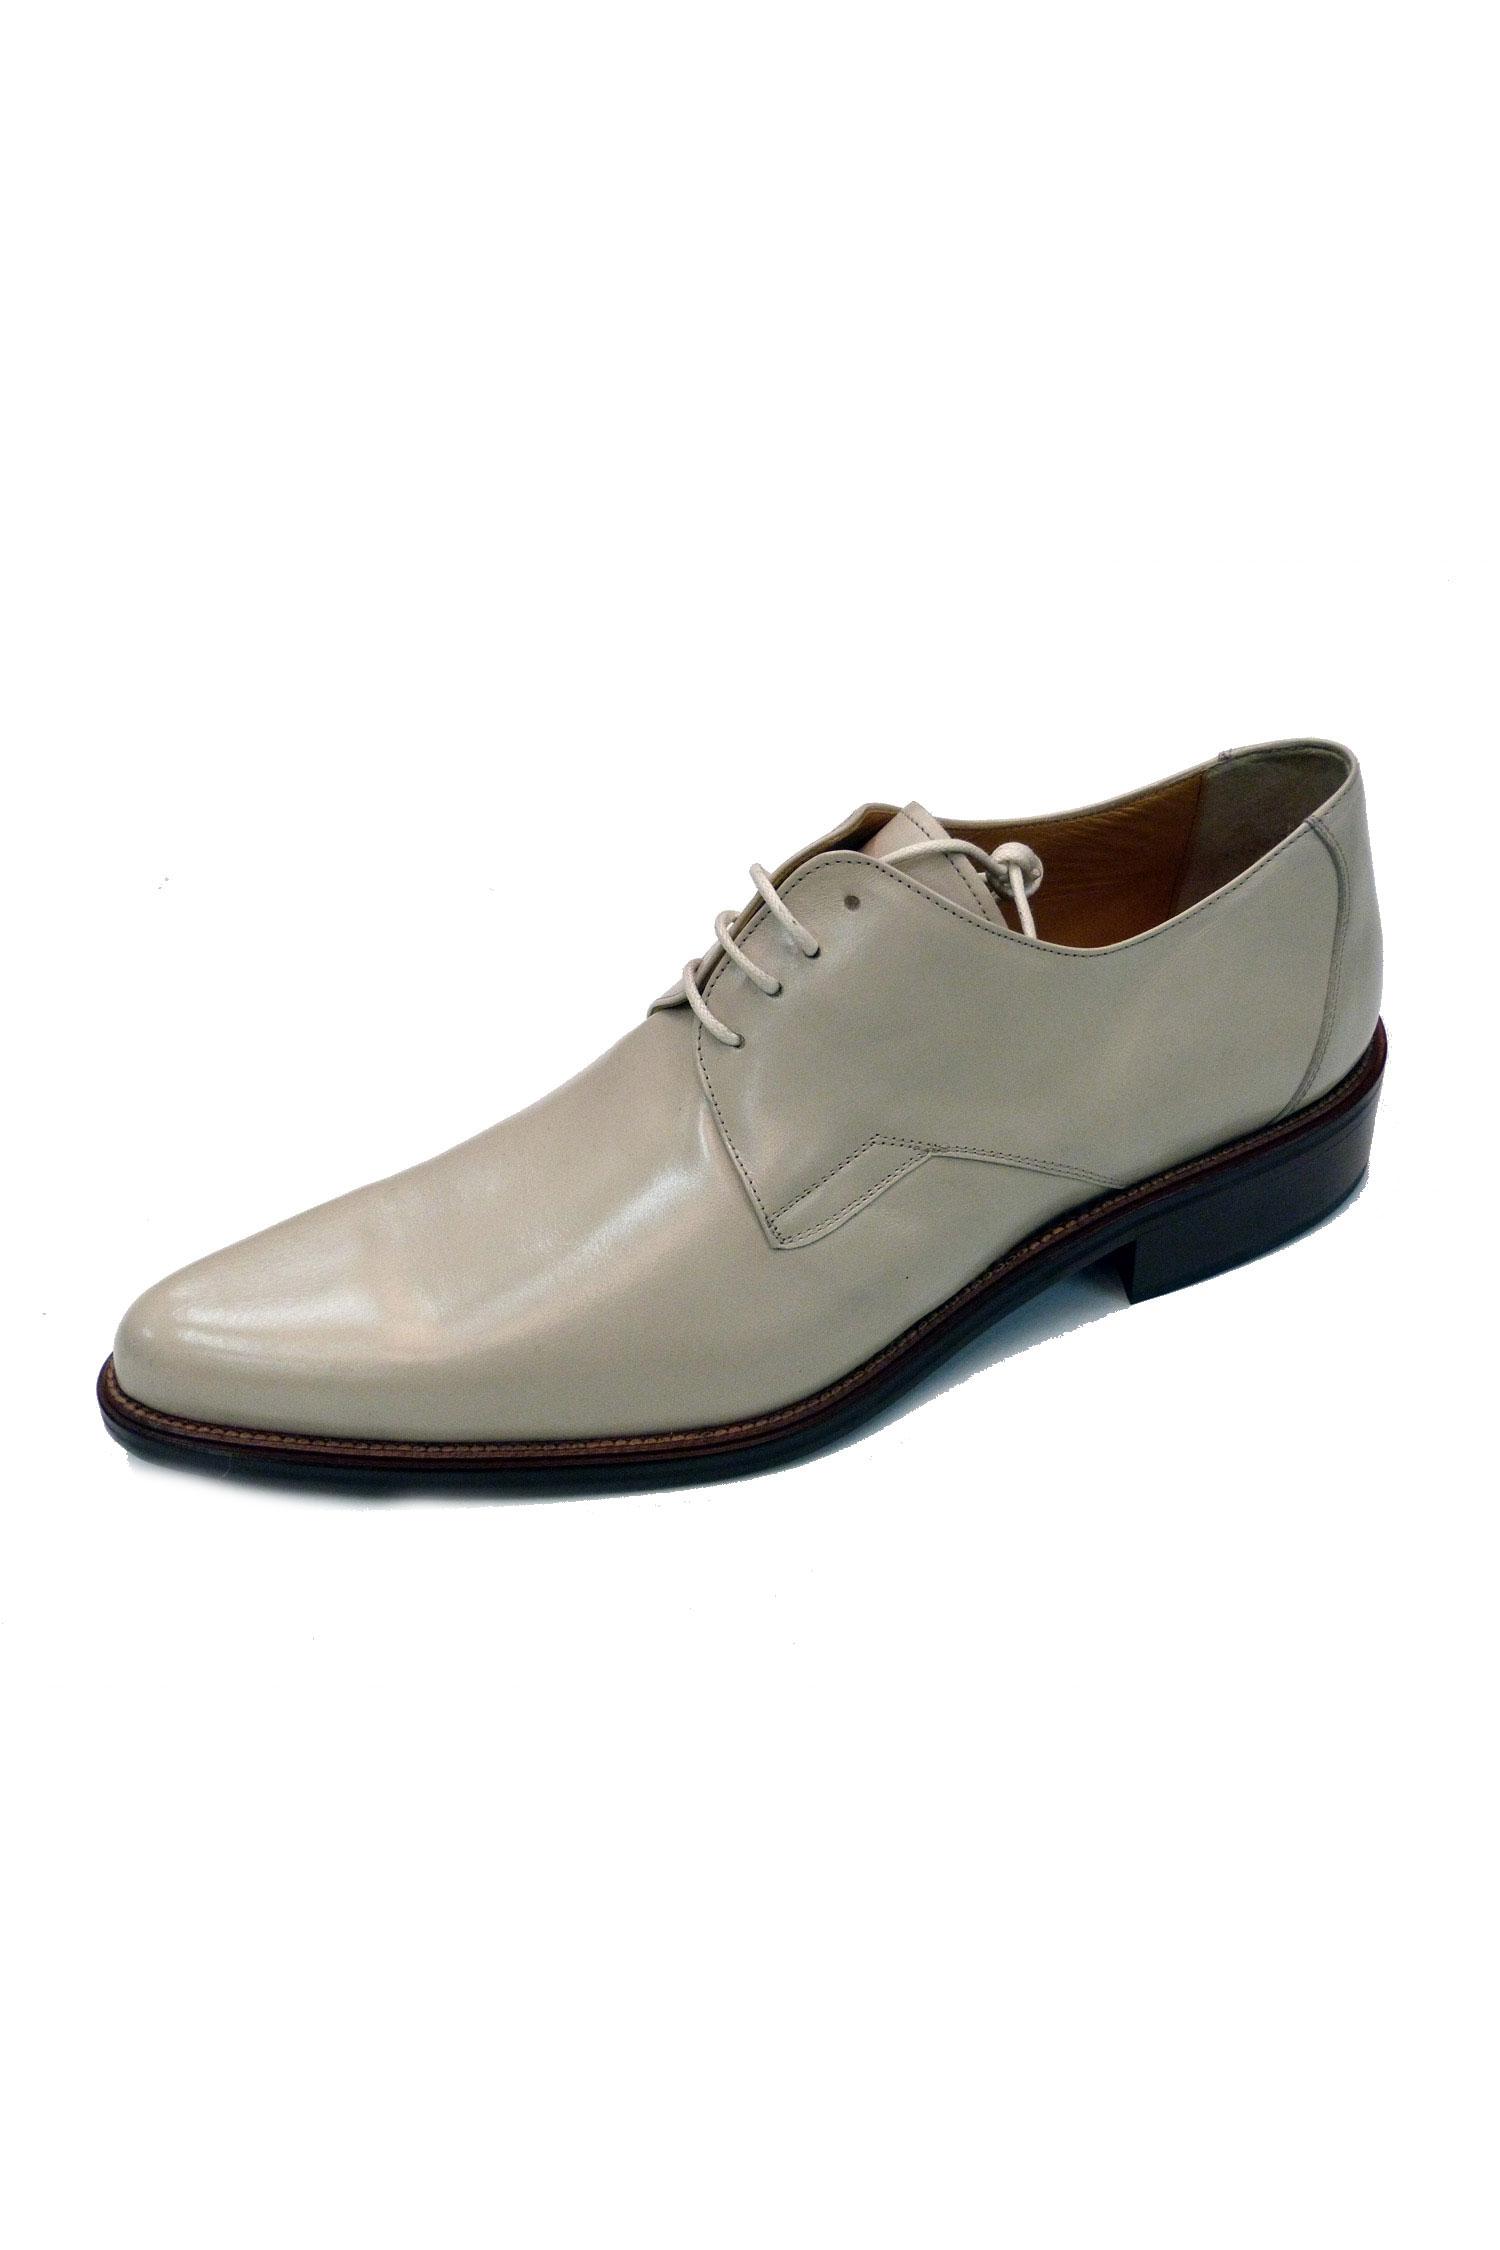 Zapatos y Etiqueta, Zapatos, 101443, HUESO | Zoom